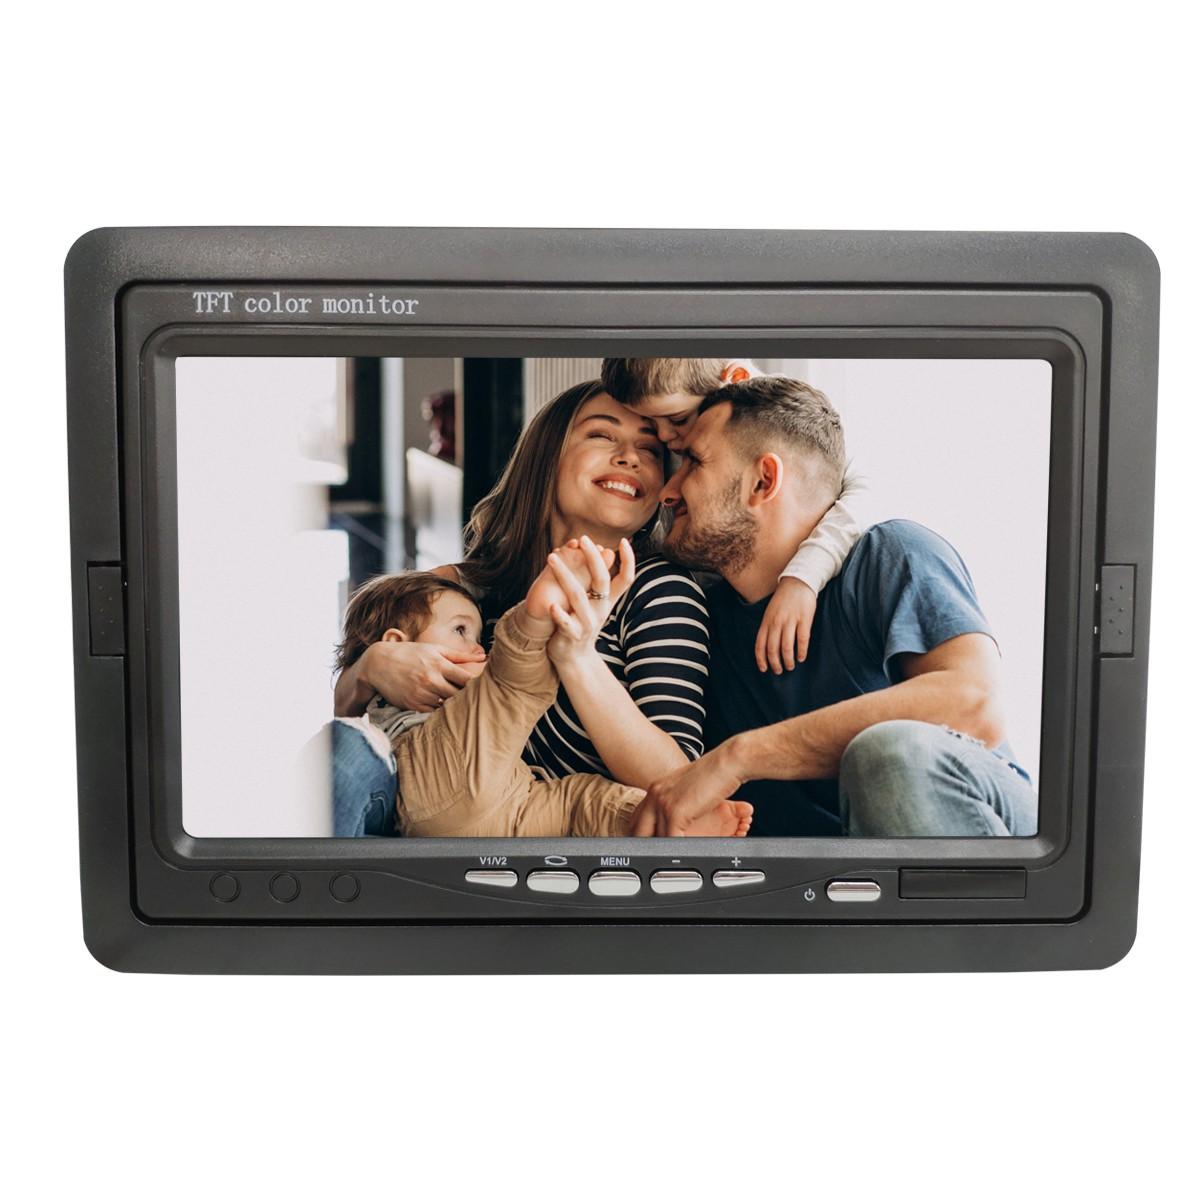 tela-monitor-7-lcd-colorido-2-entradas-de-video-2-av-in-para-seguranca-carro-camera-de-re